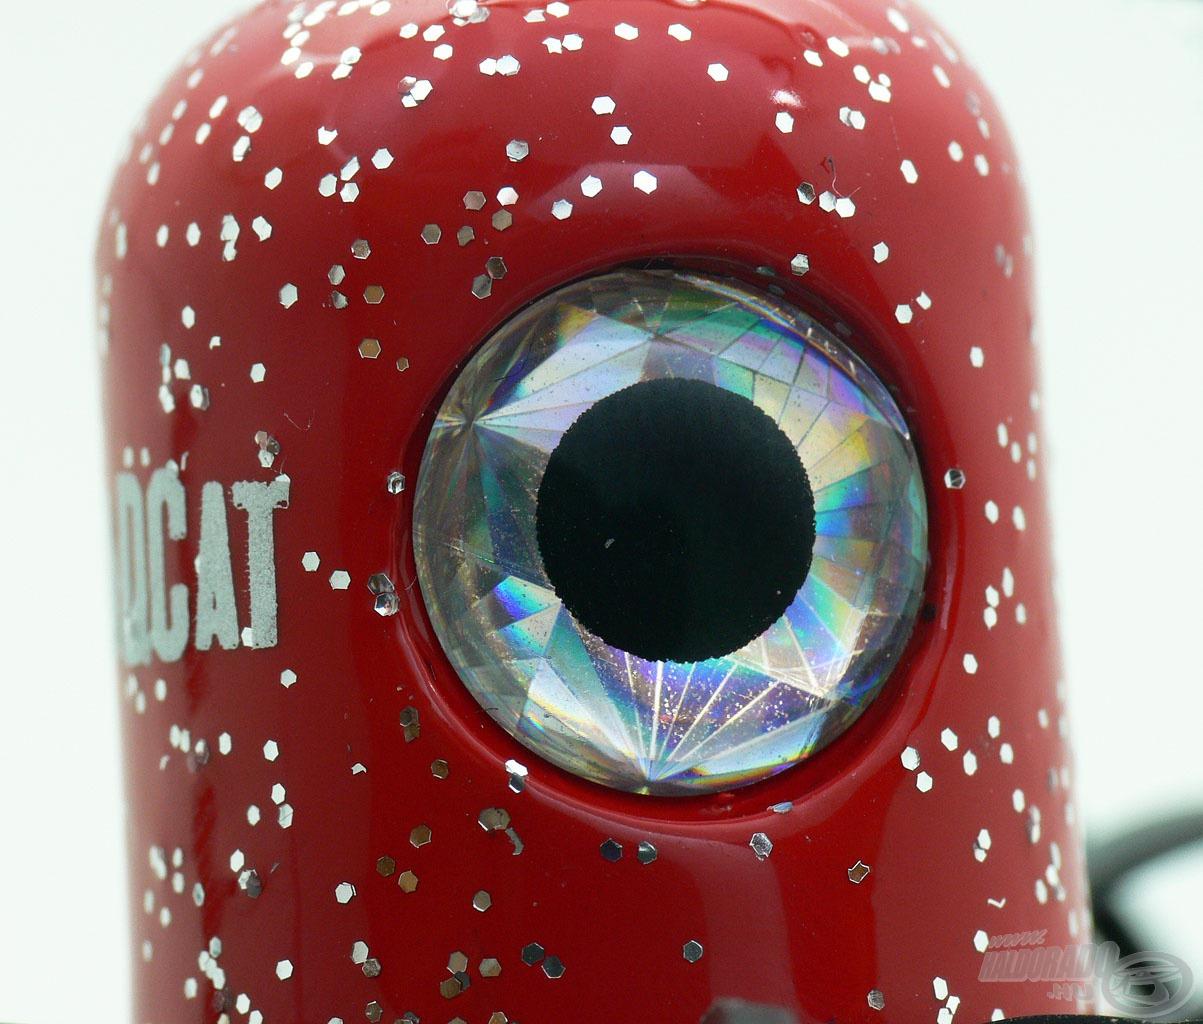 A Clonk Teaser harcsamágnes egy festett, nagy szemekkel ellátott ólomtestből áll…